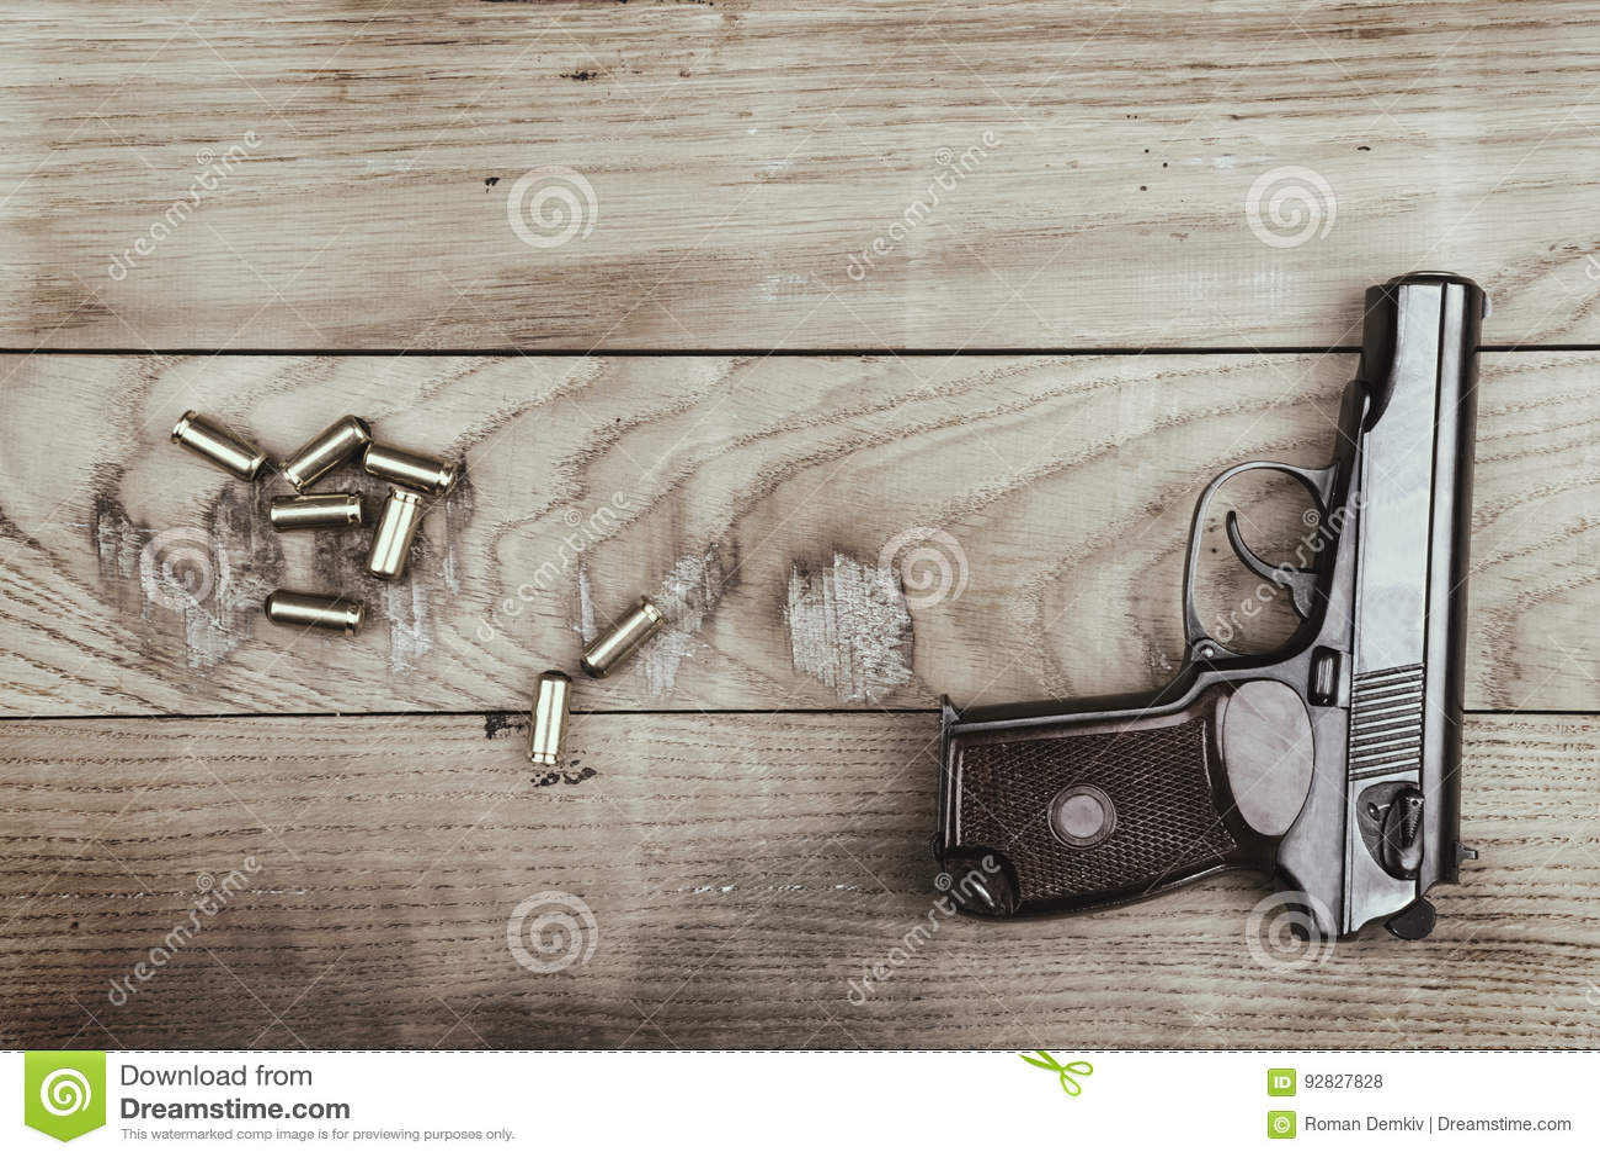 创伤手枪用子弹和弹药筒木表面上,葡萄酒作用